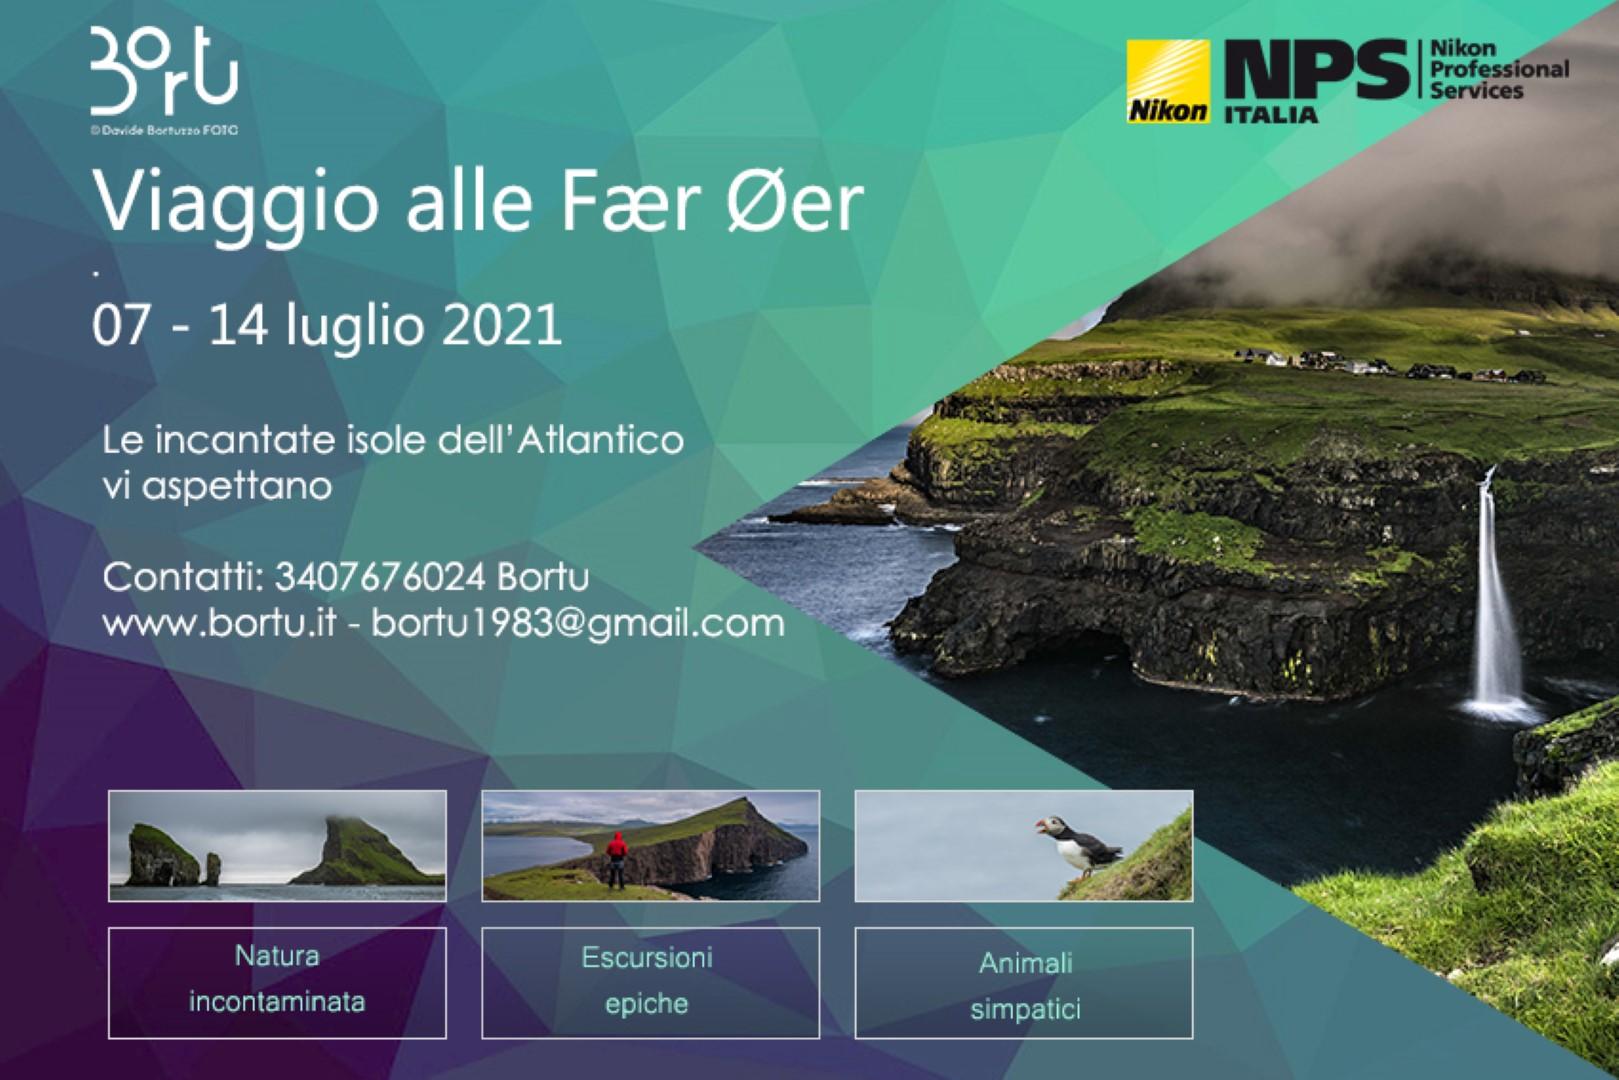 Viaggio Faroe